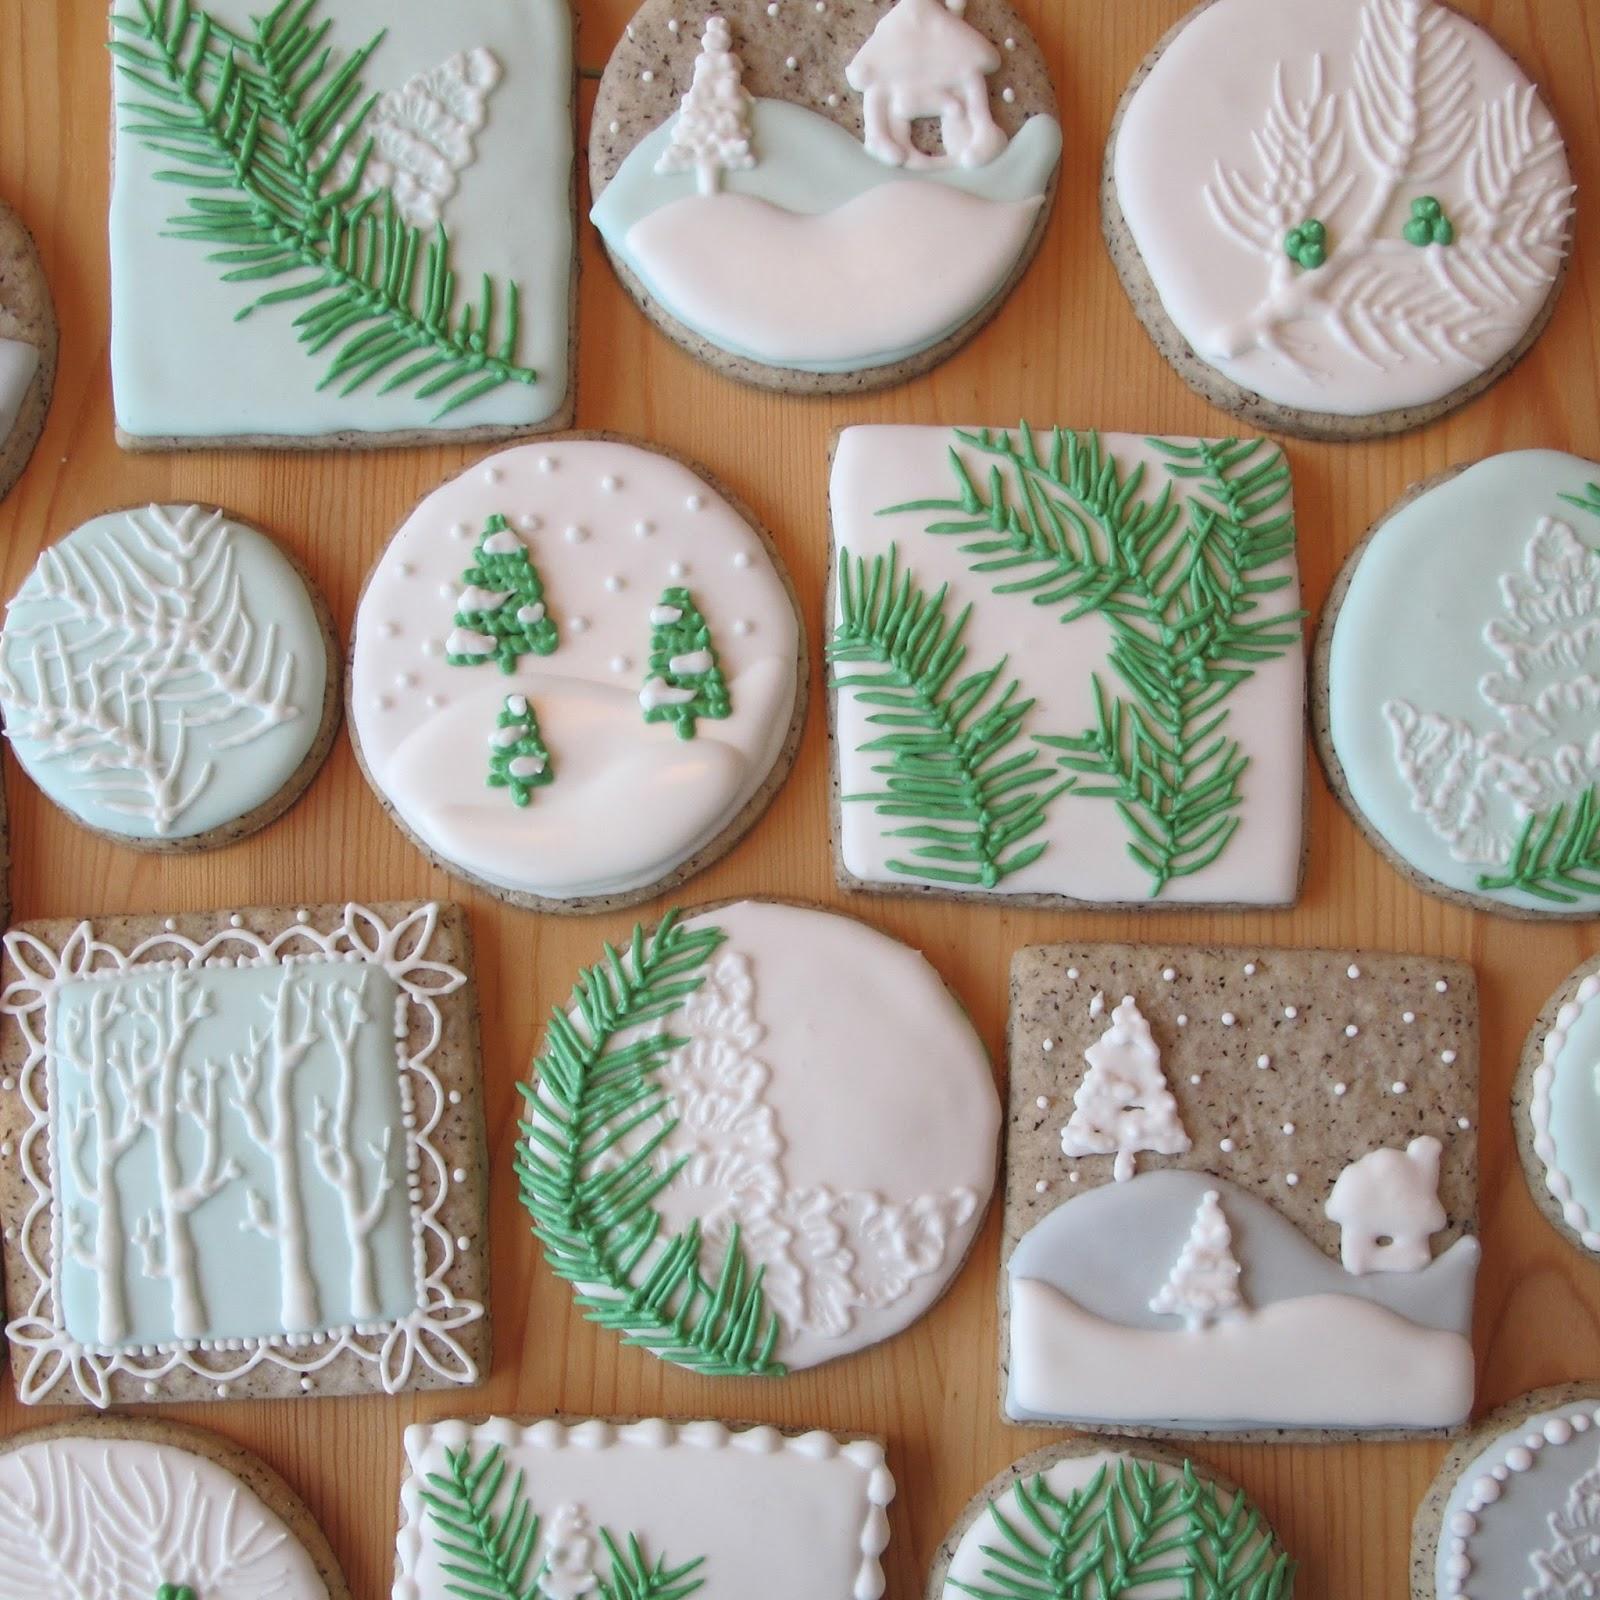 Royal Icing Christmas Cookies.Fine Motor Skills Winter Cookies Sugar Cookie Royal